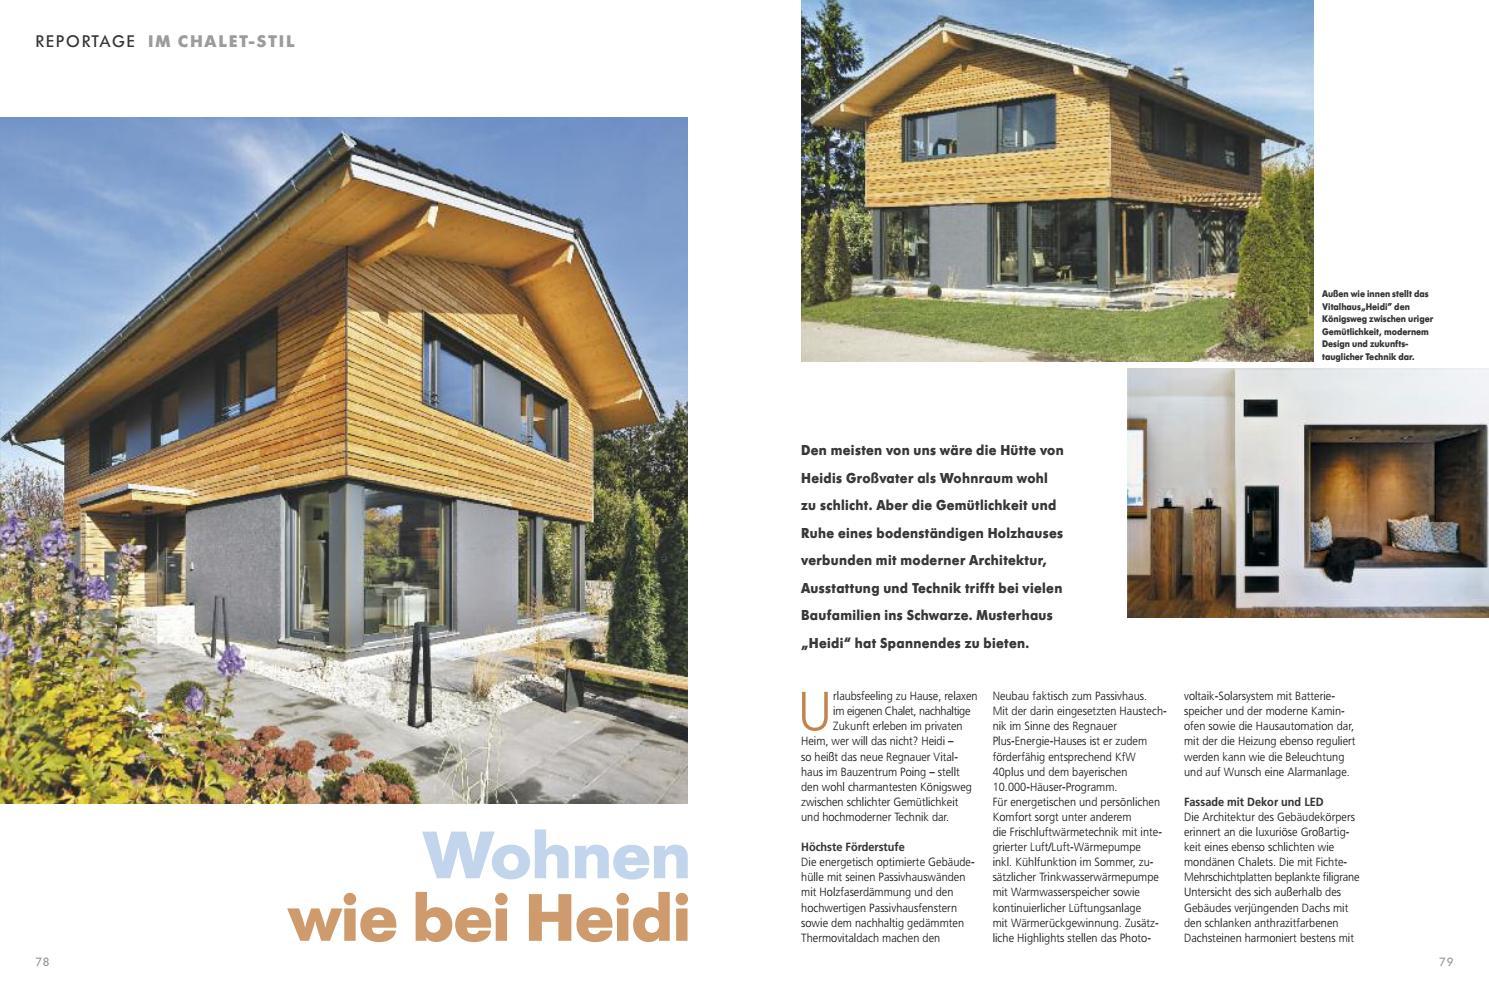 Regnauer Heidi Https Picload Org Image Wpdcgoc Erdgeschoss Png